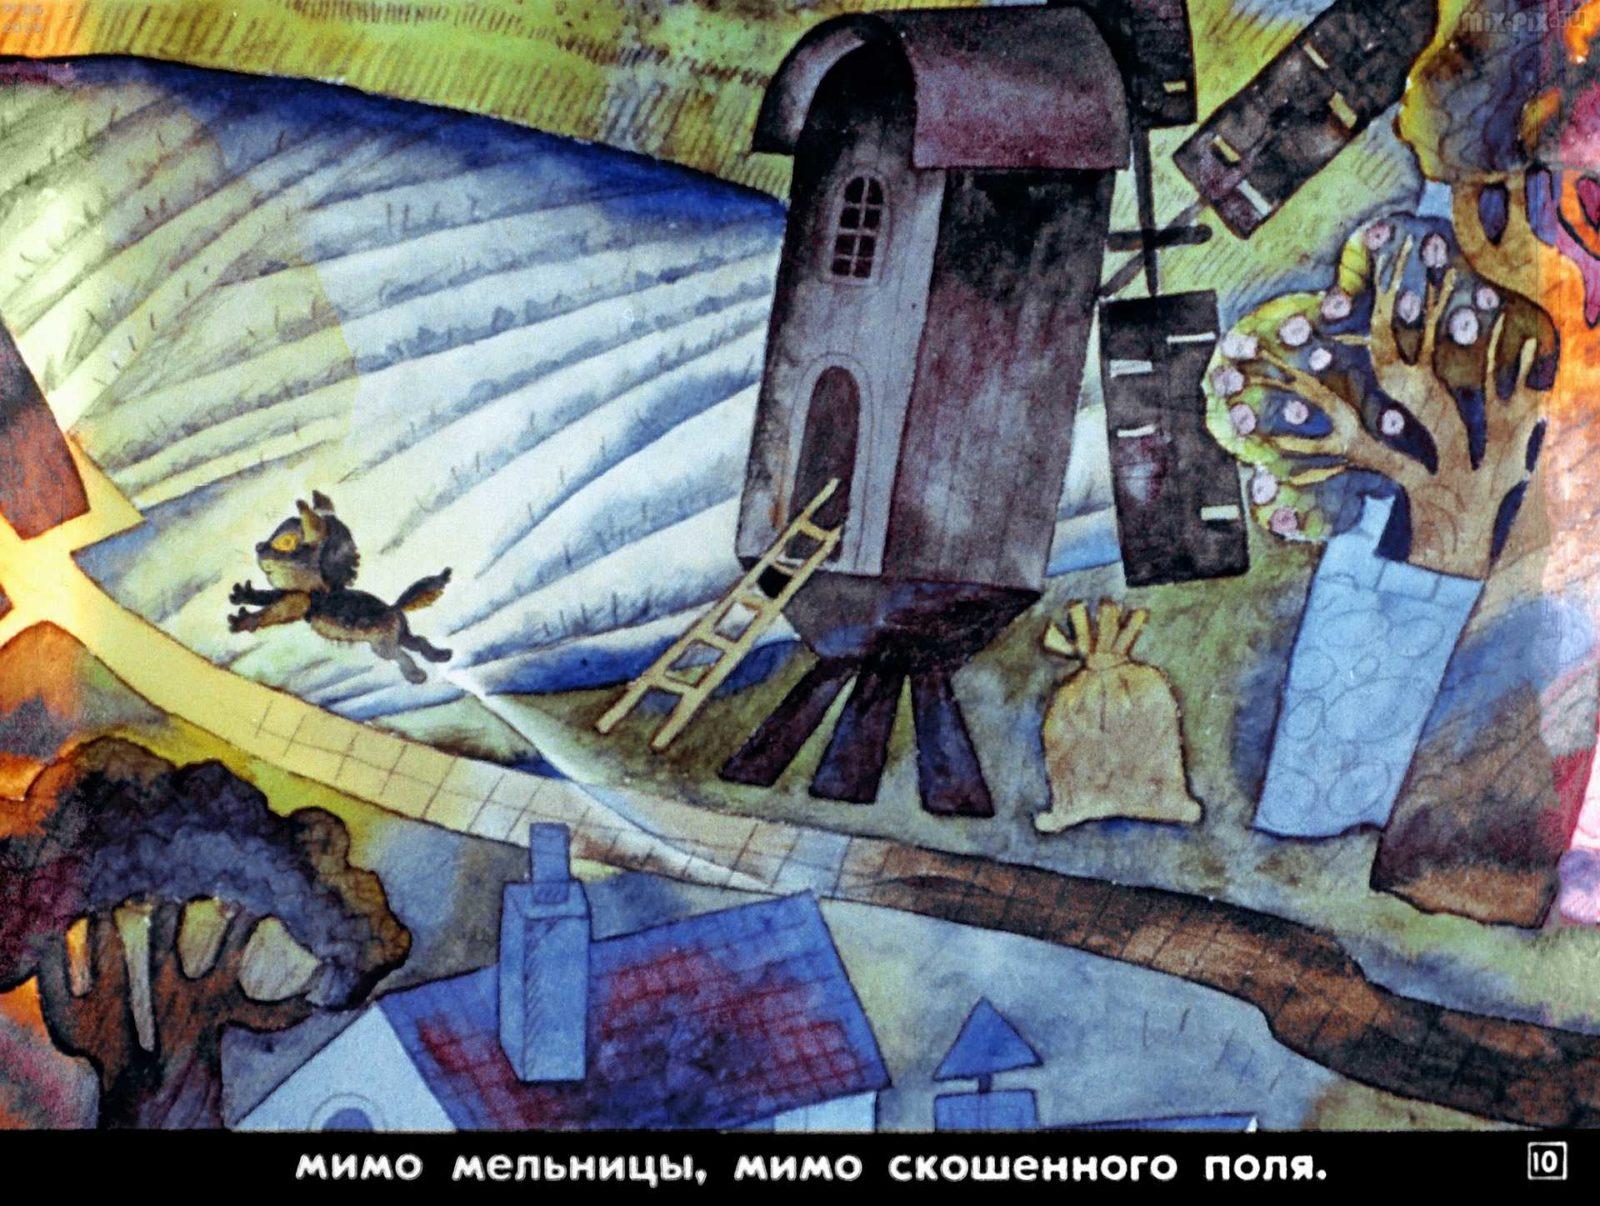 Сказка про лунный свет (1991) 30